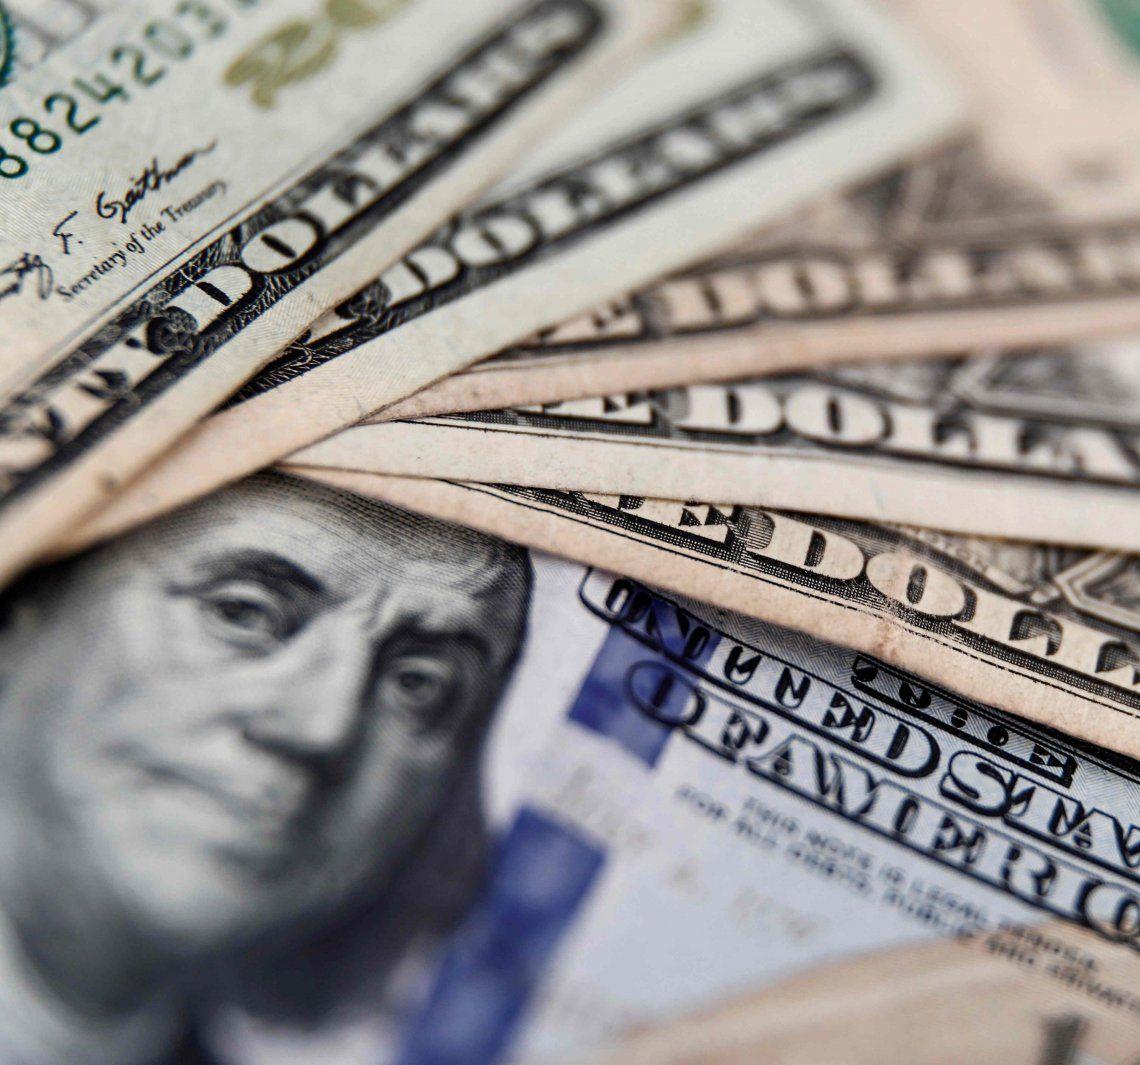 Los ahorristas sólo pueden adquirir 200 dólares mensuales.